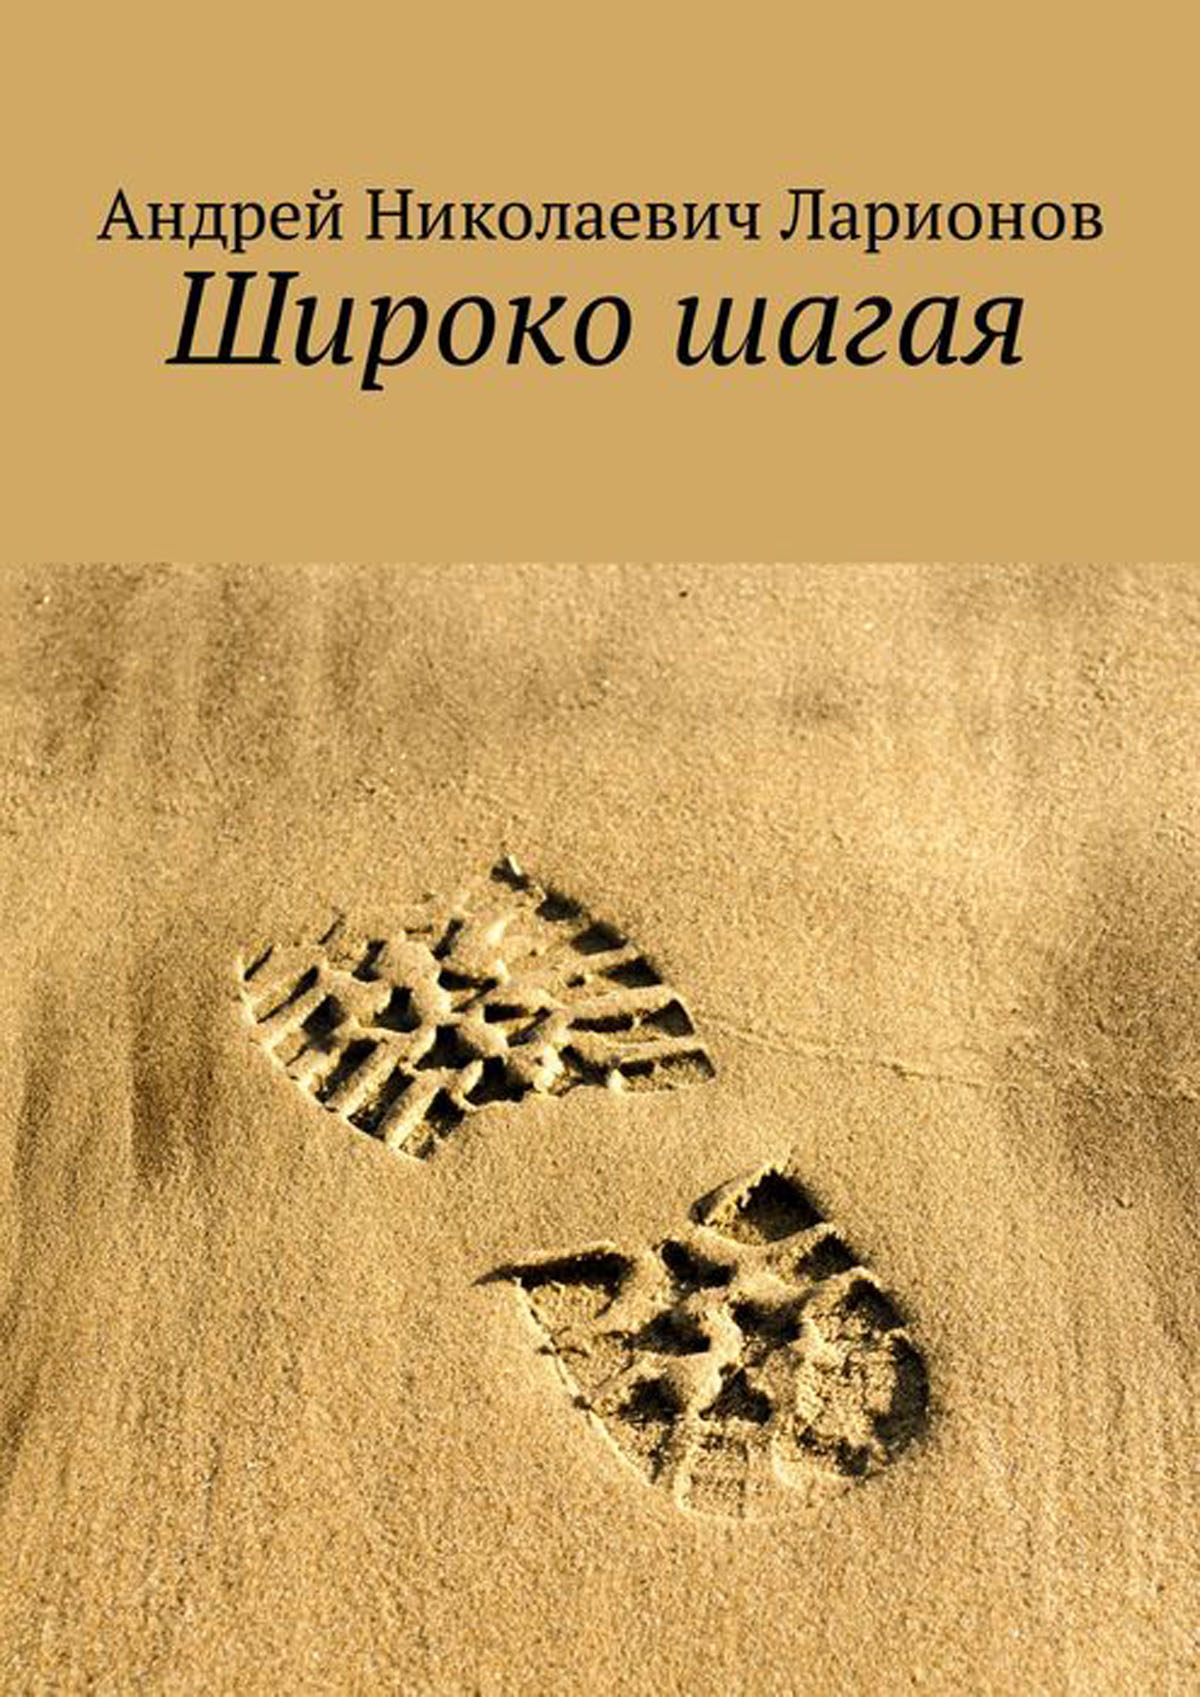 Ларионов Андрей Николаевич Широко шагая андрей николаевич ларионов звезда светлая и утренняя возращение андрая